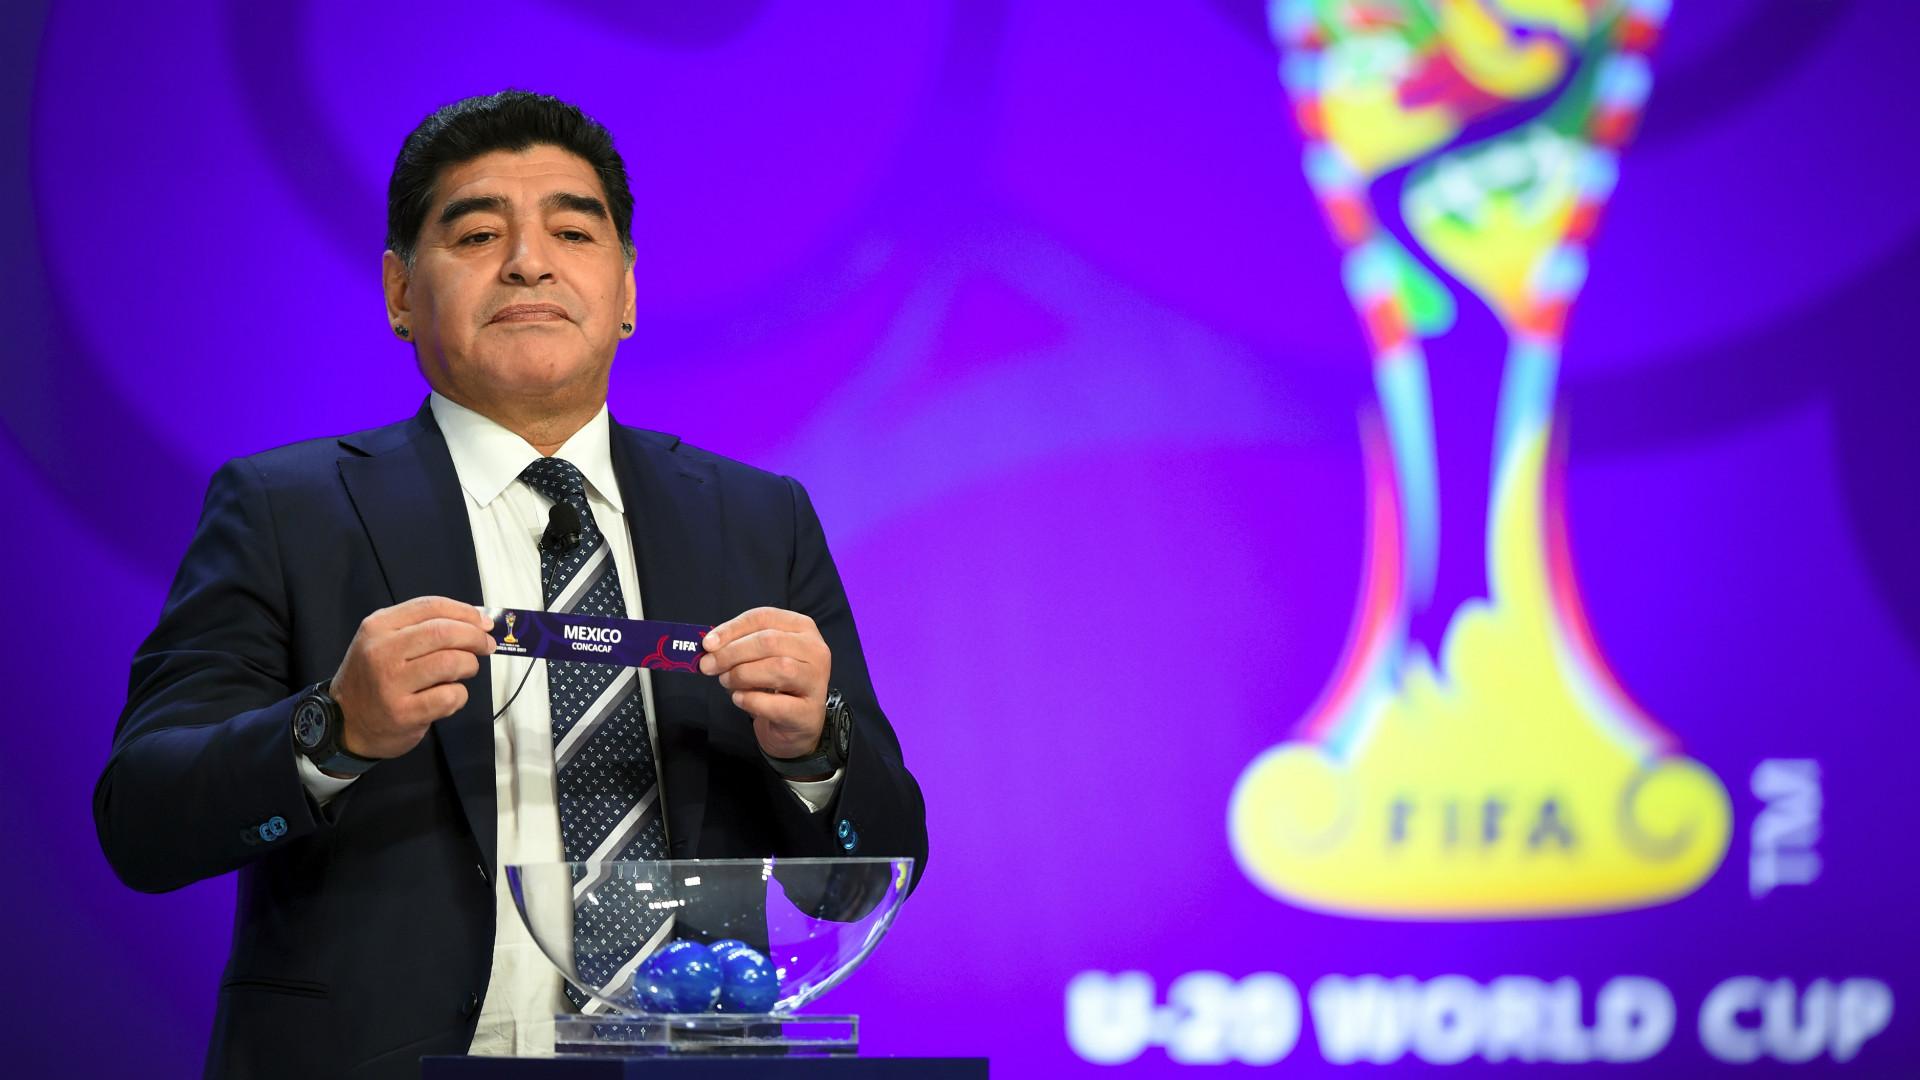 Diego Maradona World Cup draw